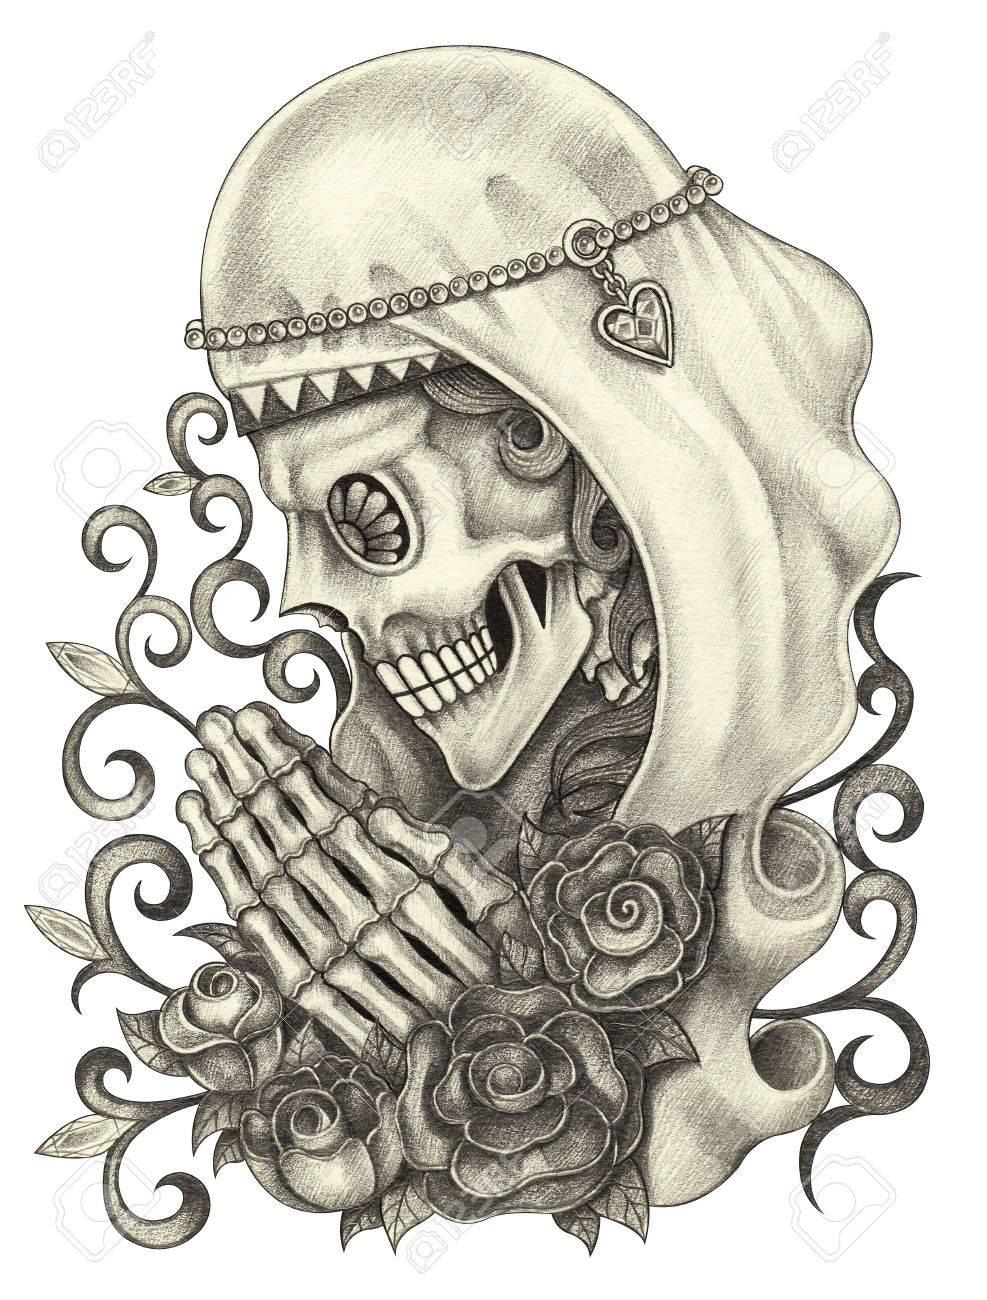 Día Del Cráneo Del Arte De Los Muertos Mano Dibujo A Lápiz Y La